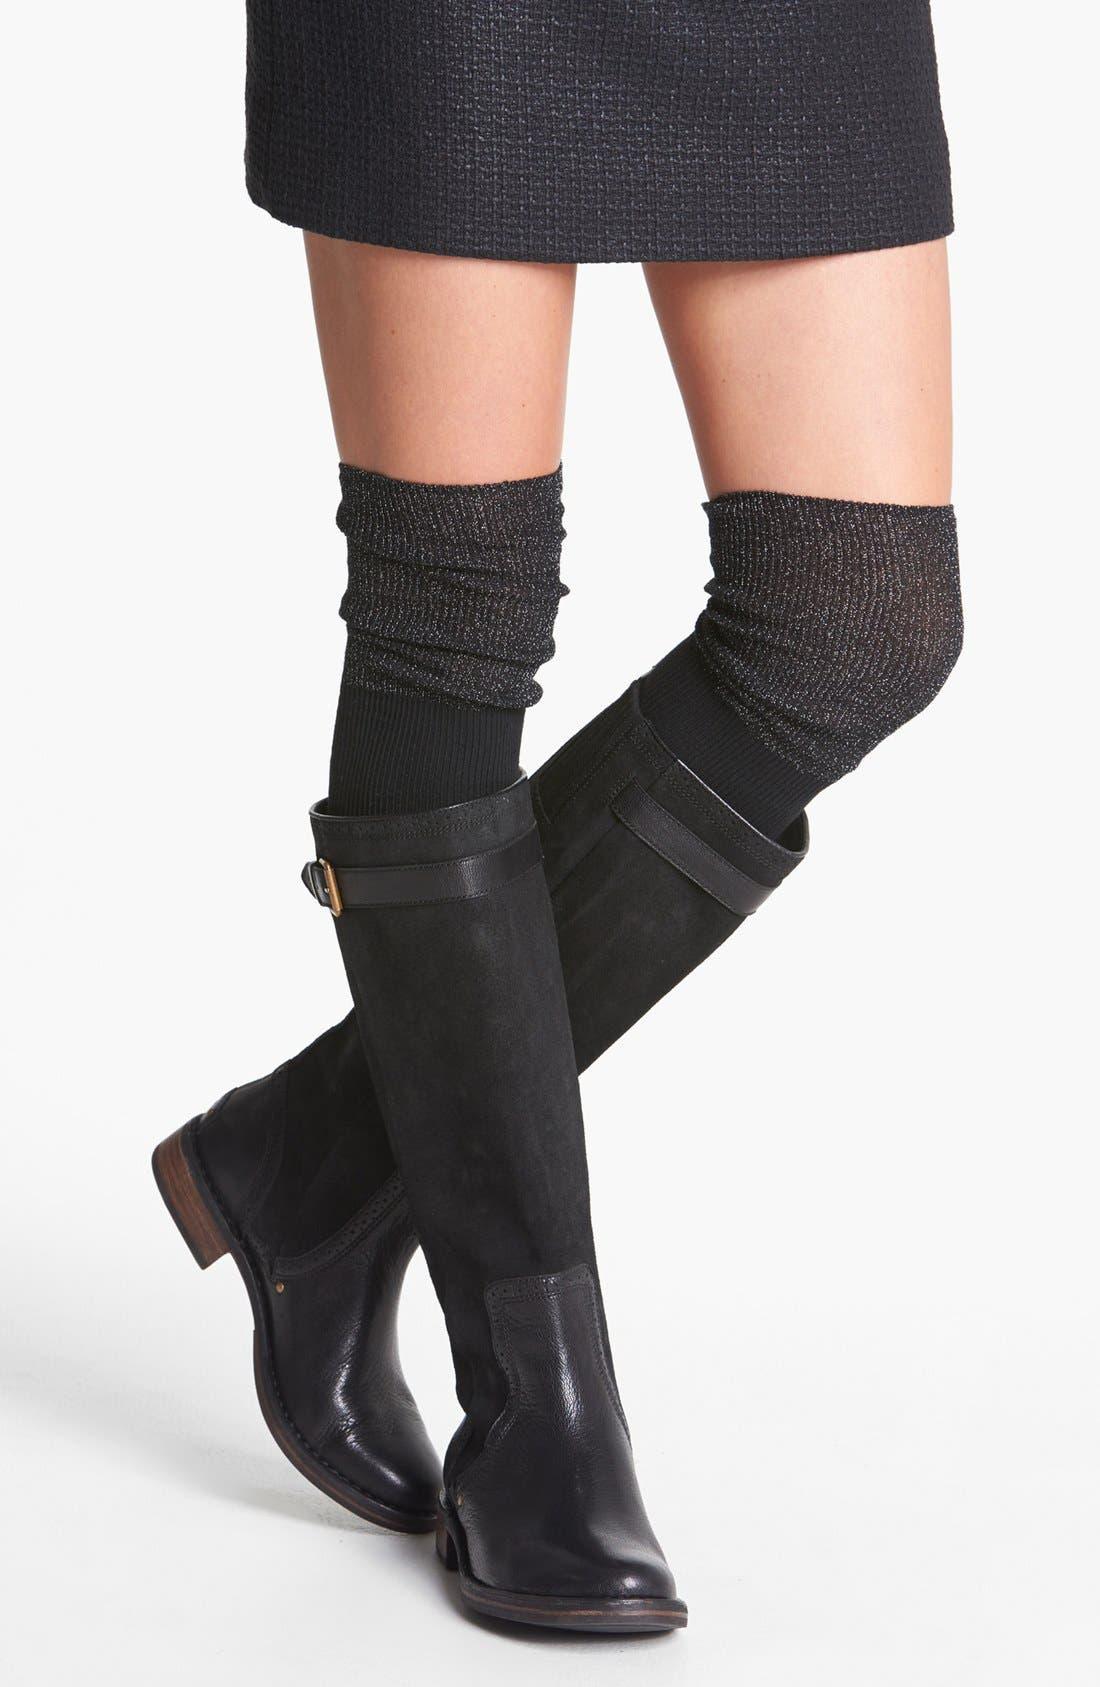 Alternate Image 1 Selected - kensie Metallic Over the Knee Socks